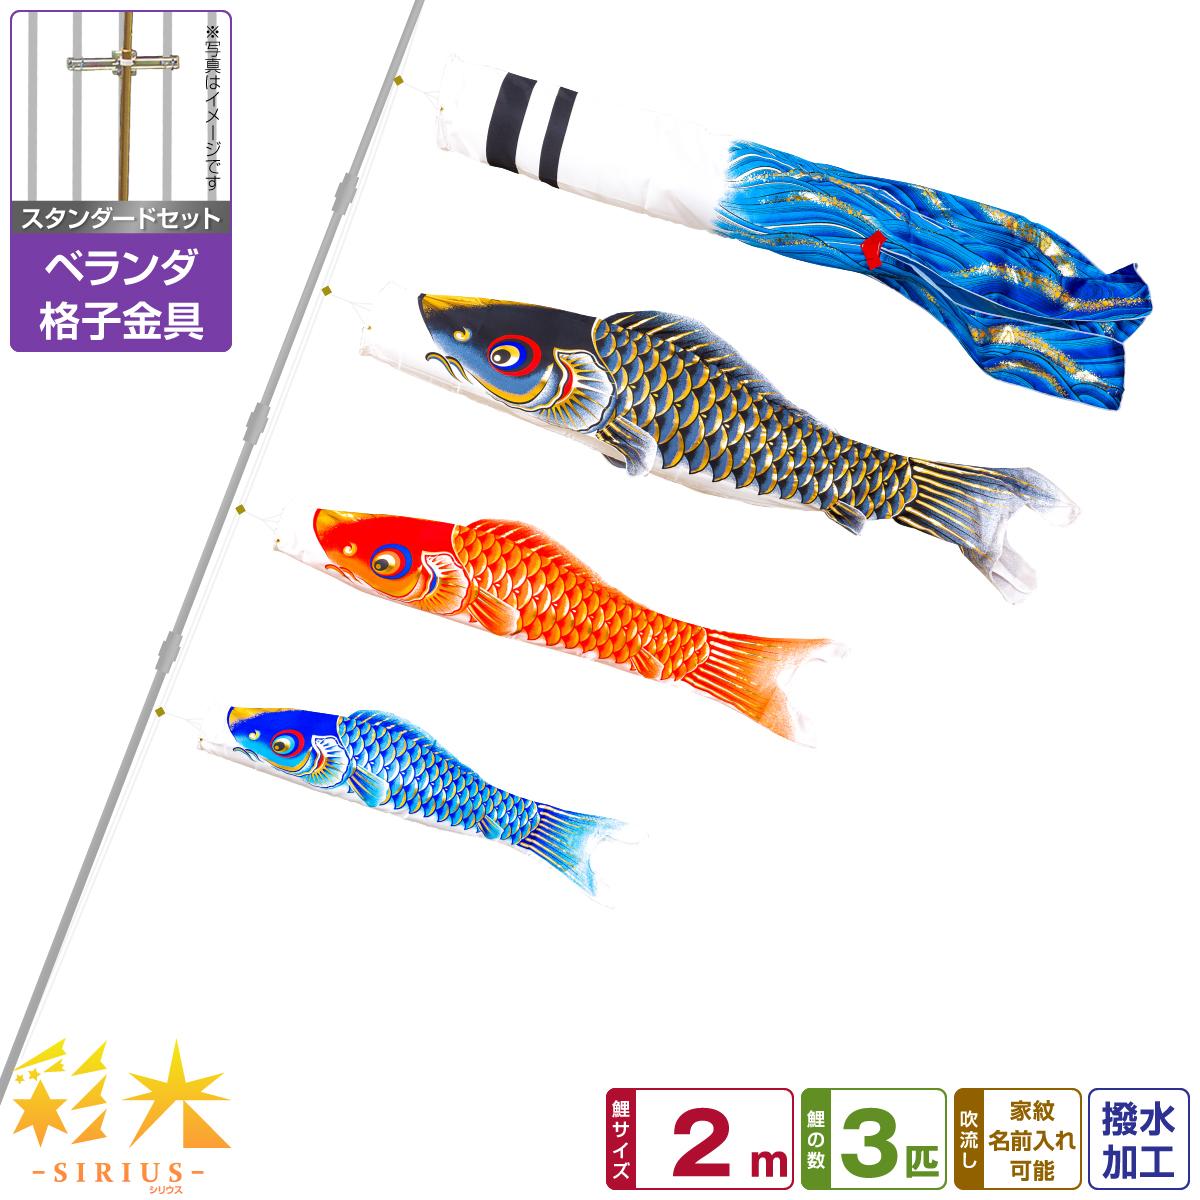 ベランダ用 こいのぼり 鯉のぼり SIRIUS/彩光鯉 2m 6点(吹流し+鯉3匹+矢車+ロープ)/スタンダードセット(格子金具)